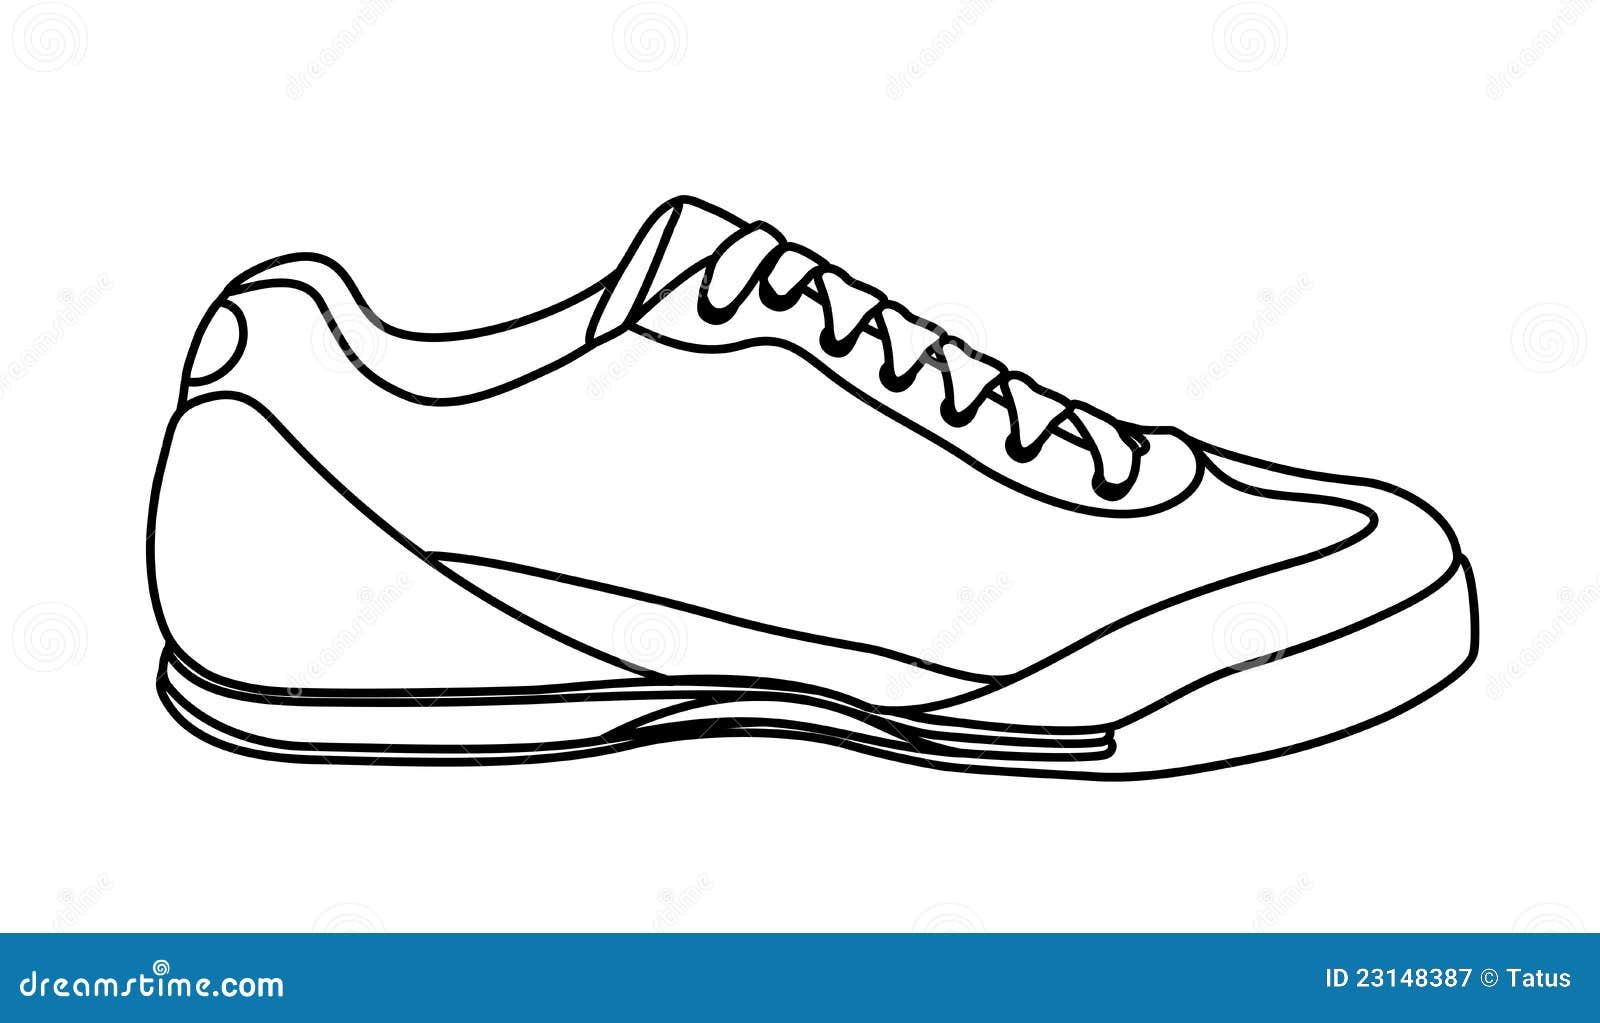 Kinderschoenen Kleurplaat Croquis De Chaussure Occasionnelle Espadrilles